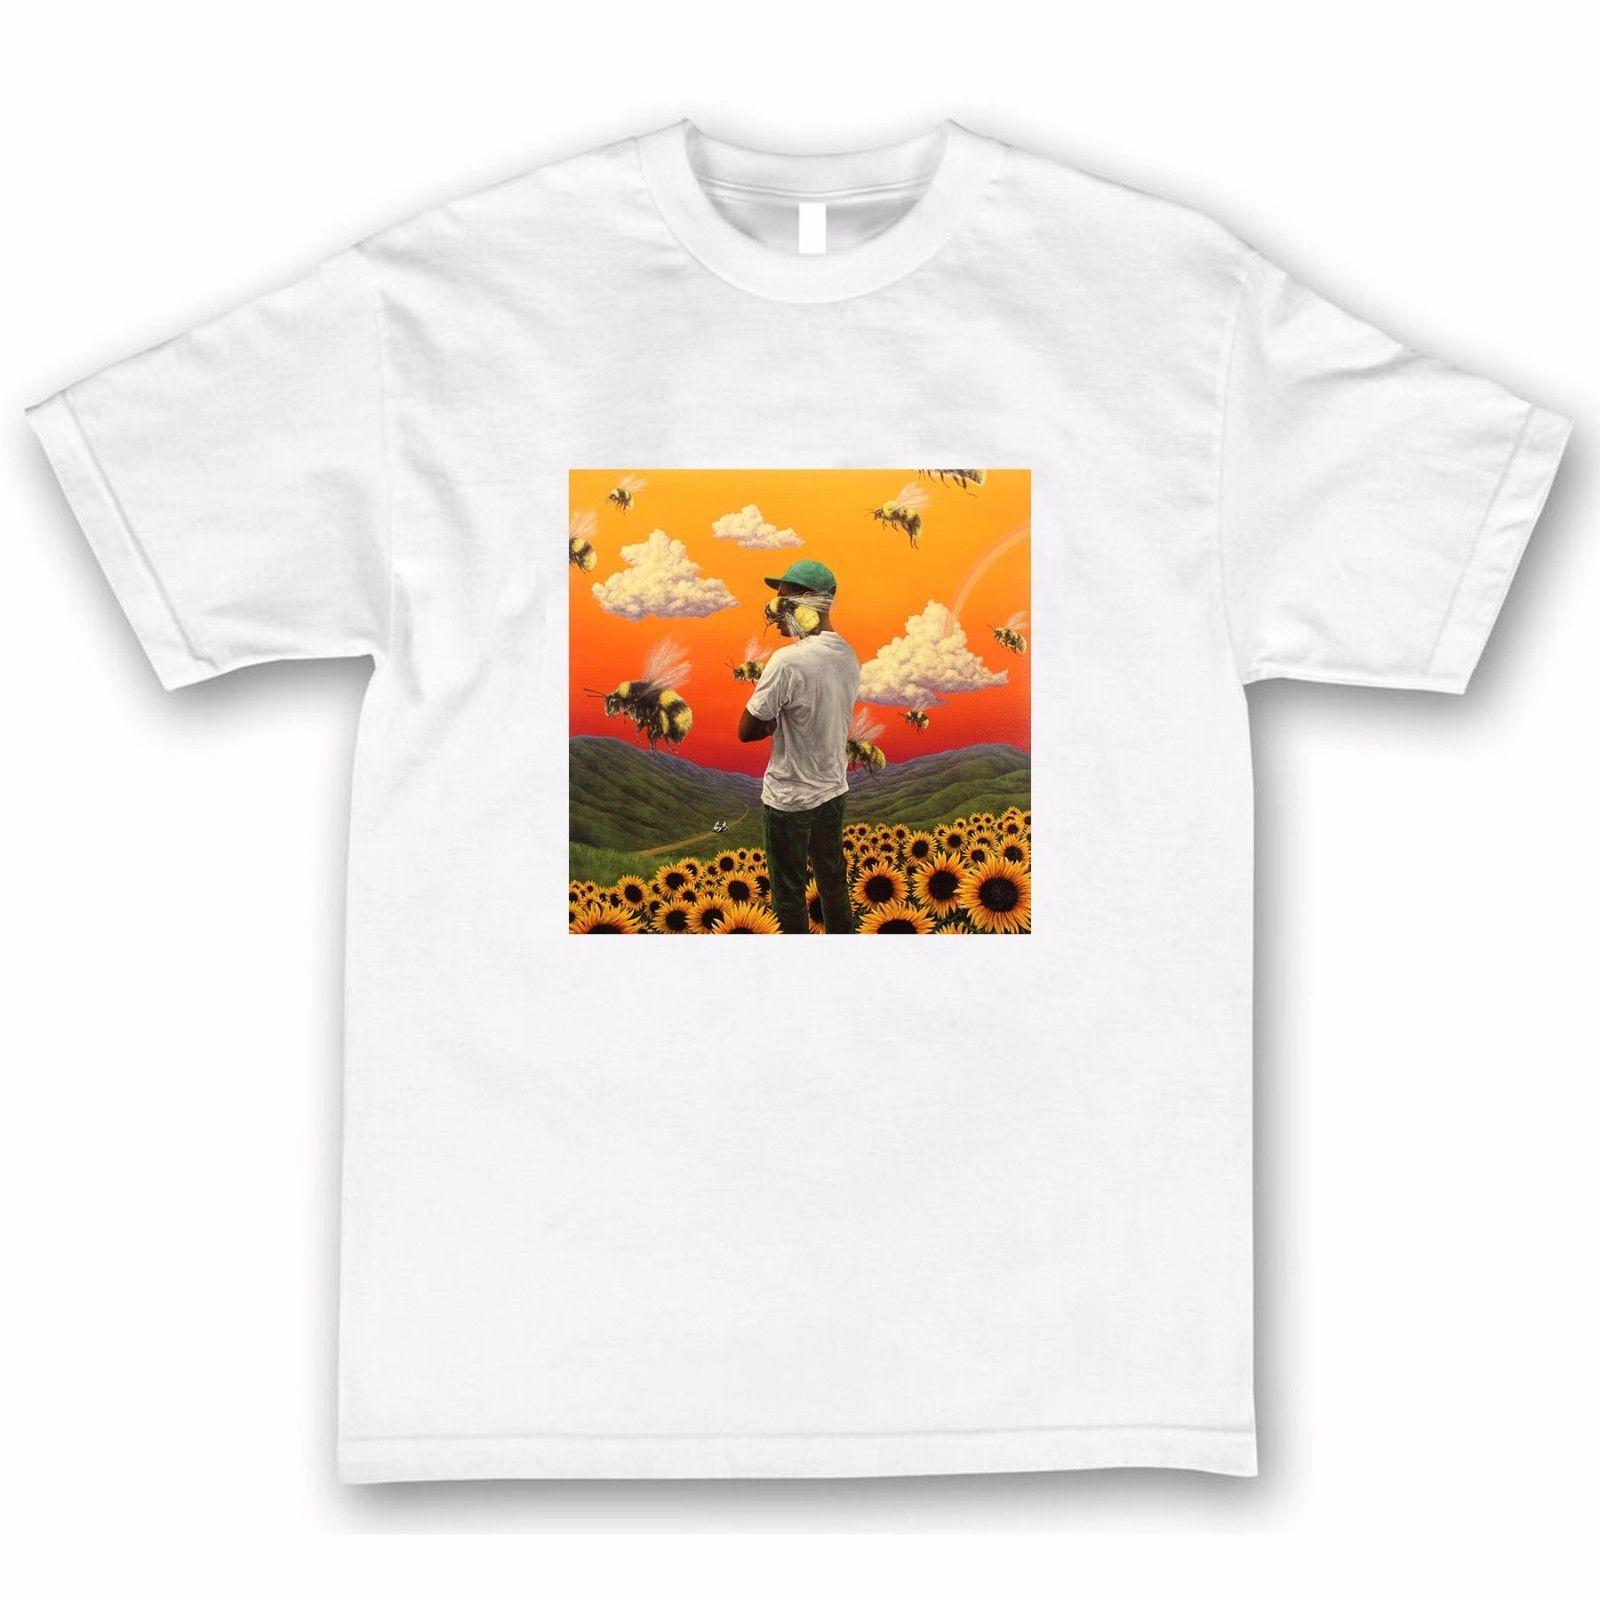 591a98bda4f34b Compre Tyler The Creator Camiseta De Flower Boy EARL Odd Future Cherry Wolf  Gang OFWGKTA OF A  11.58 Del Wholesaletshirts47